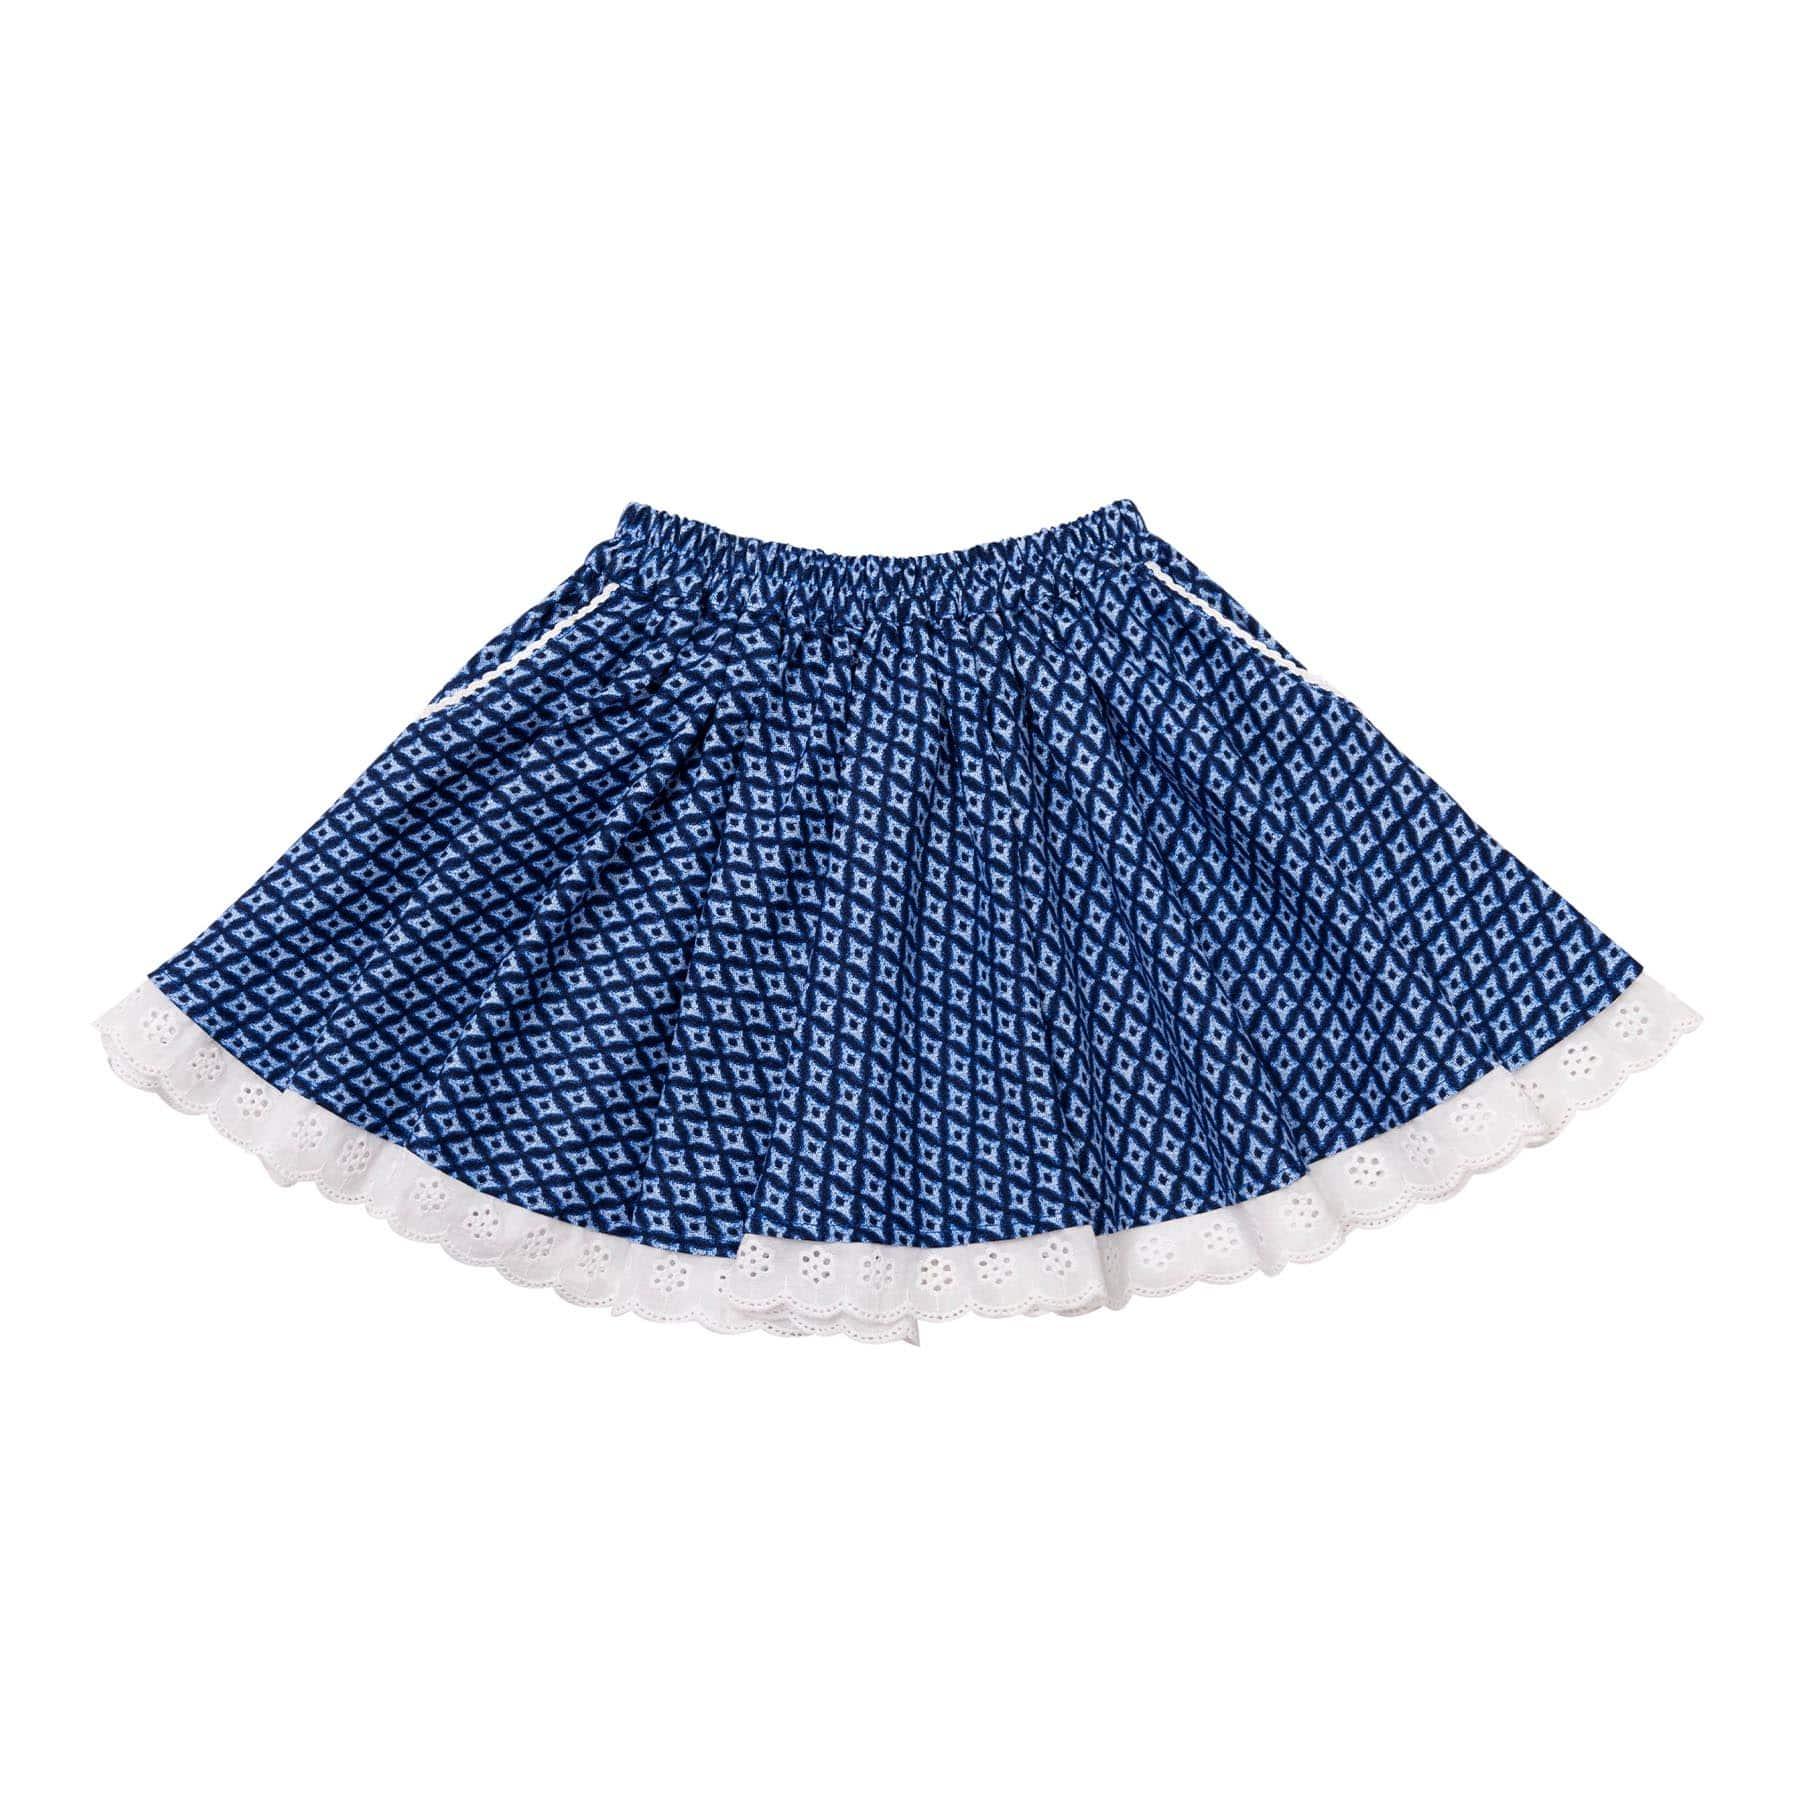 Jupe qui tourne en coton graphique bleu avec dentelle blanche pour filles de 2 à 14 ans